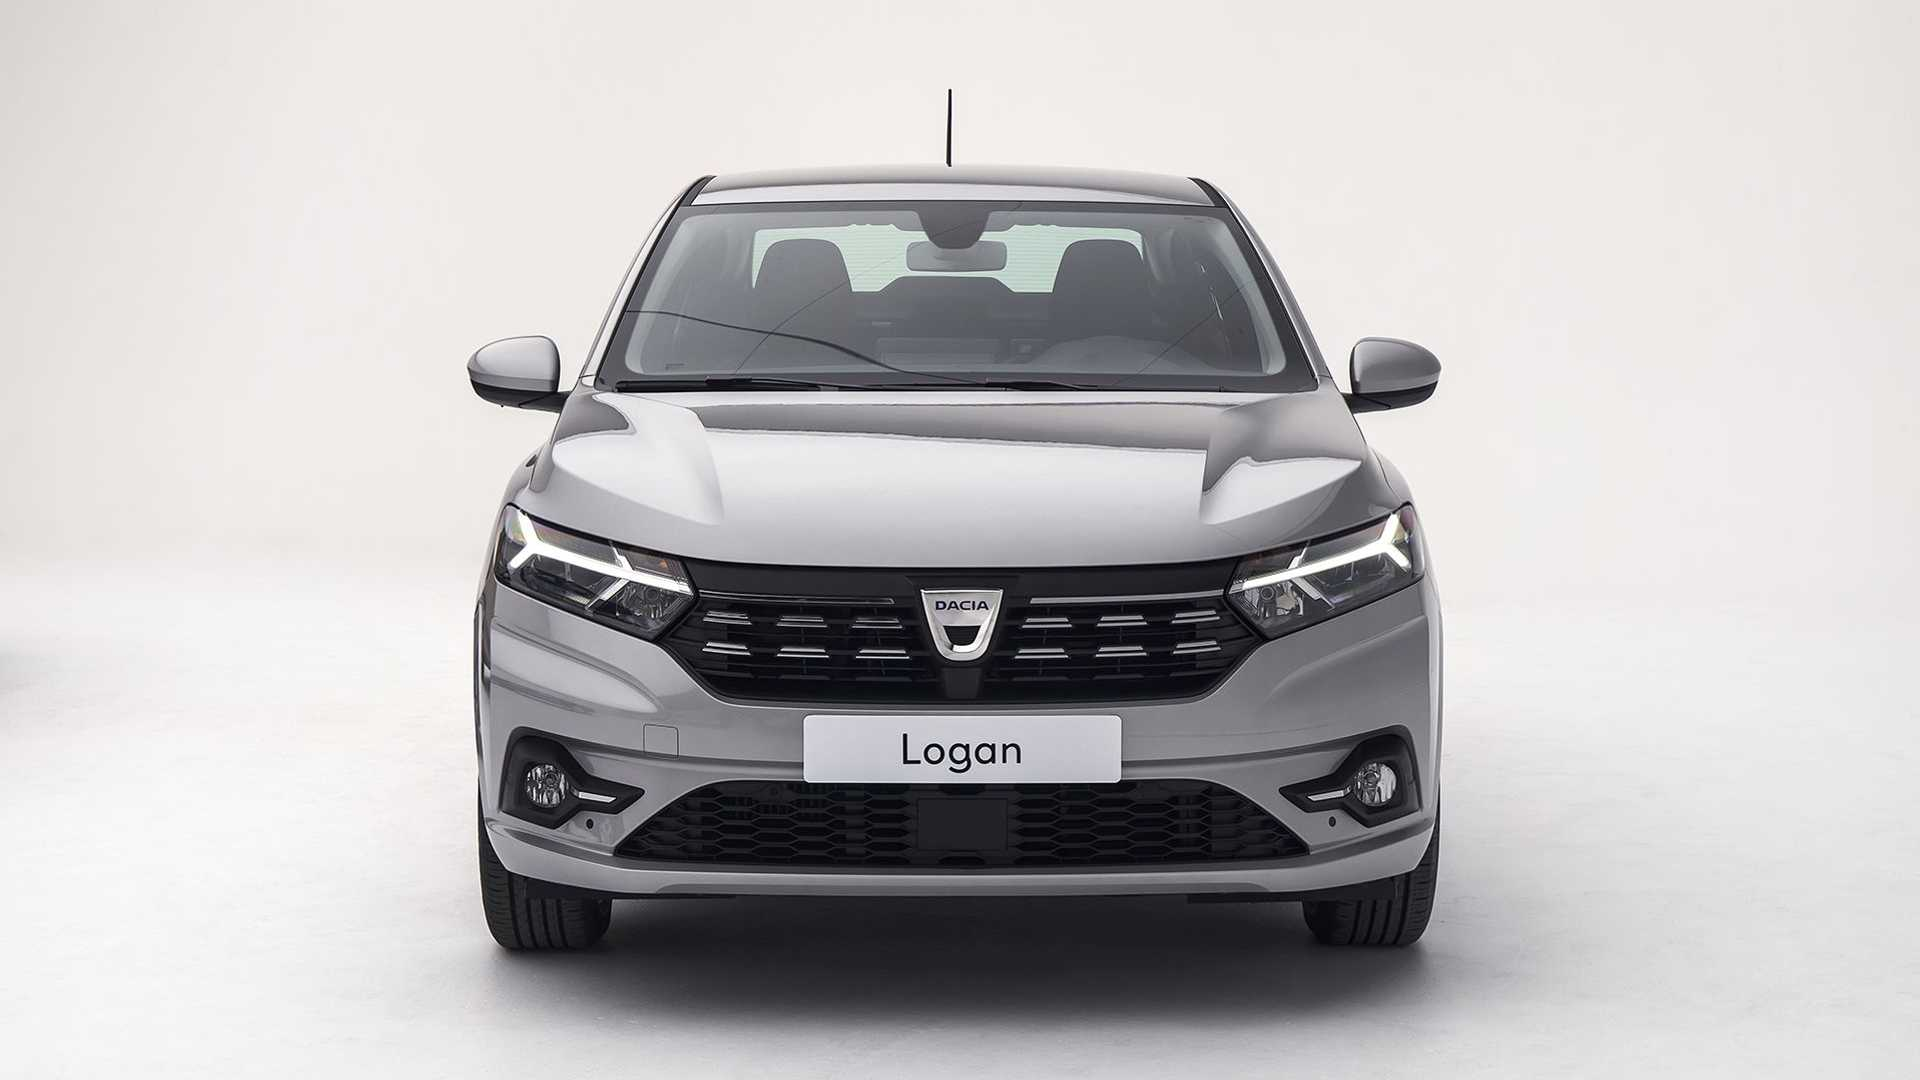 2020 Dacia Logan